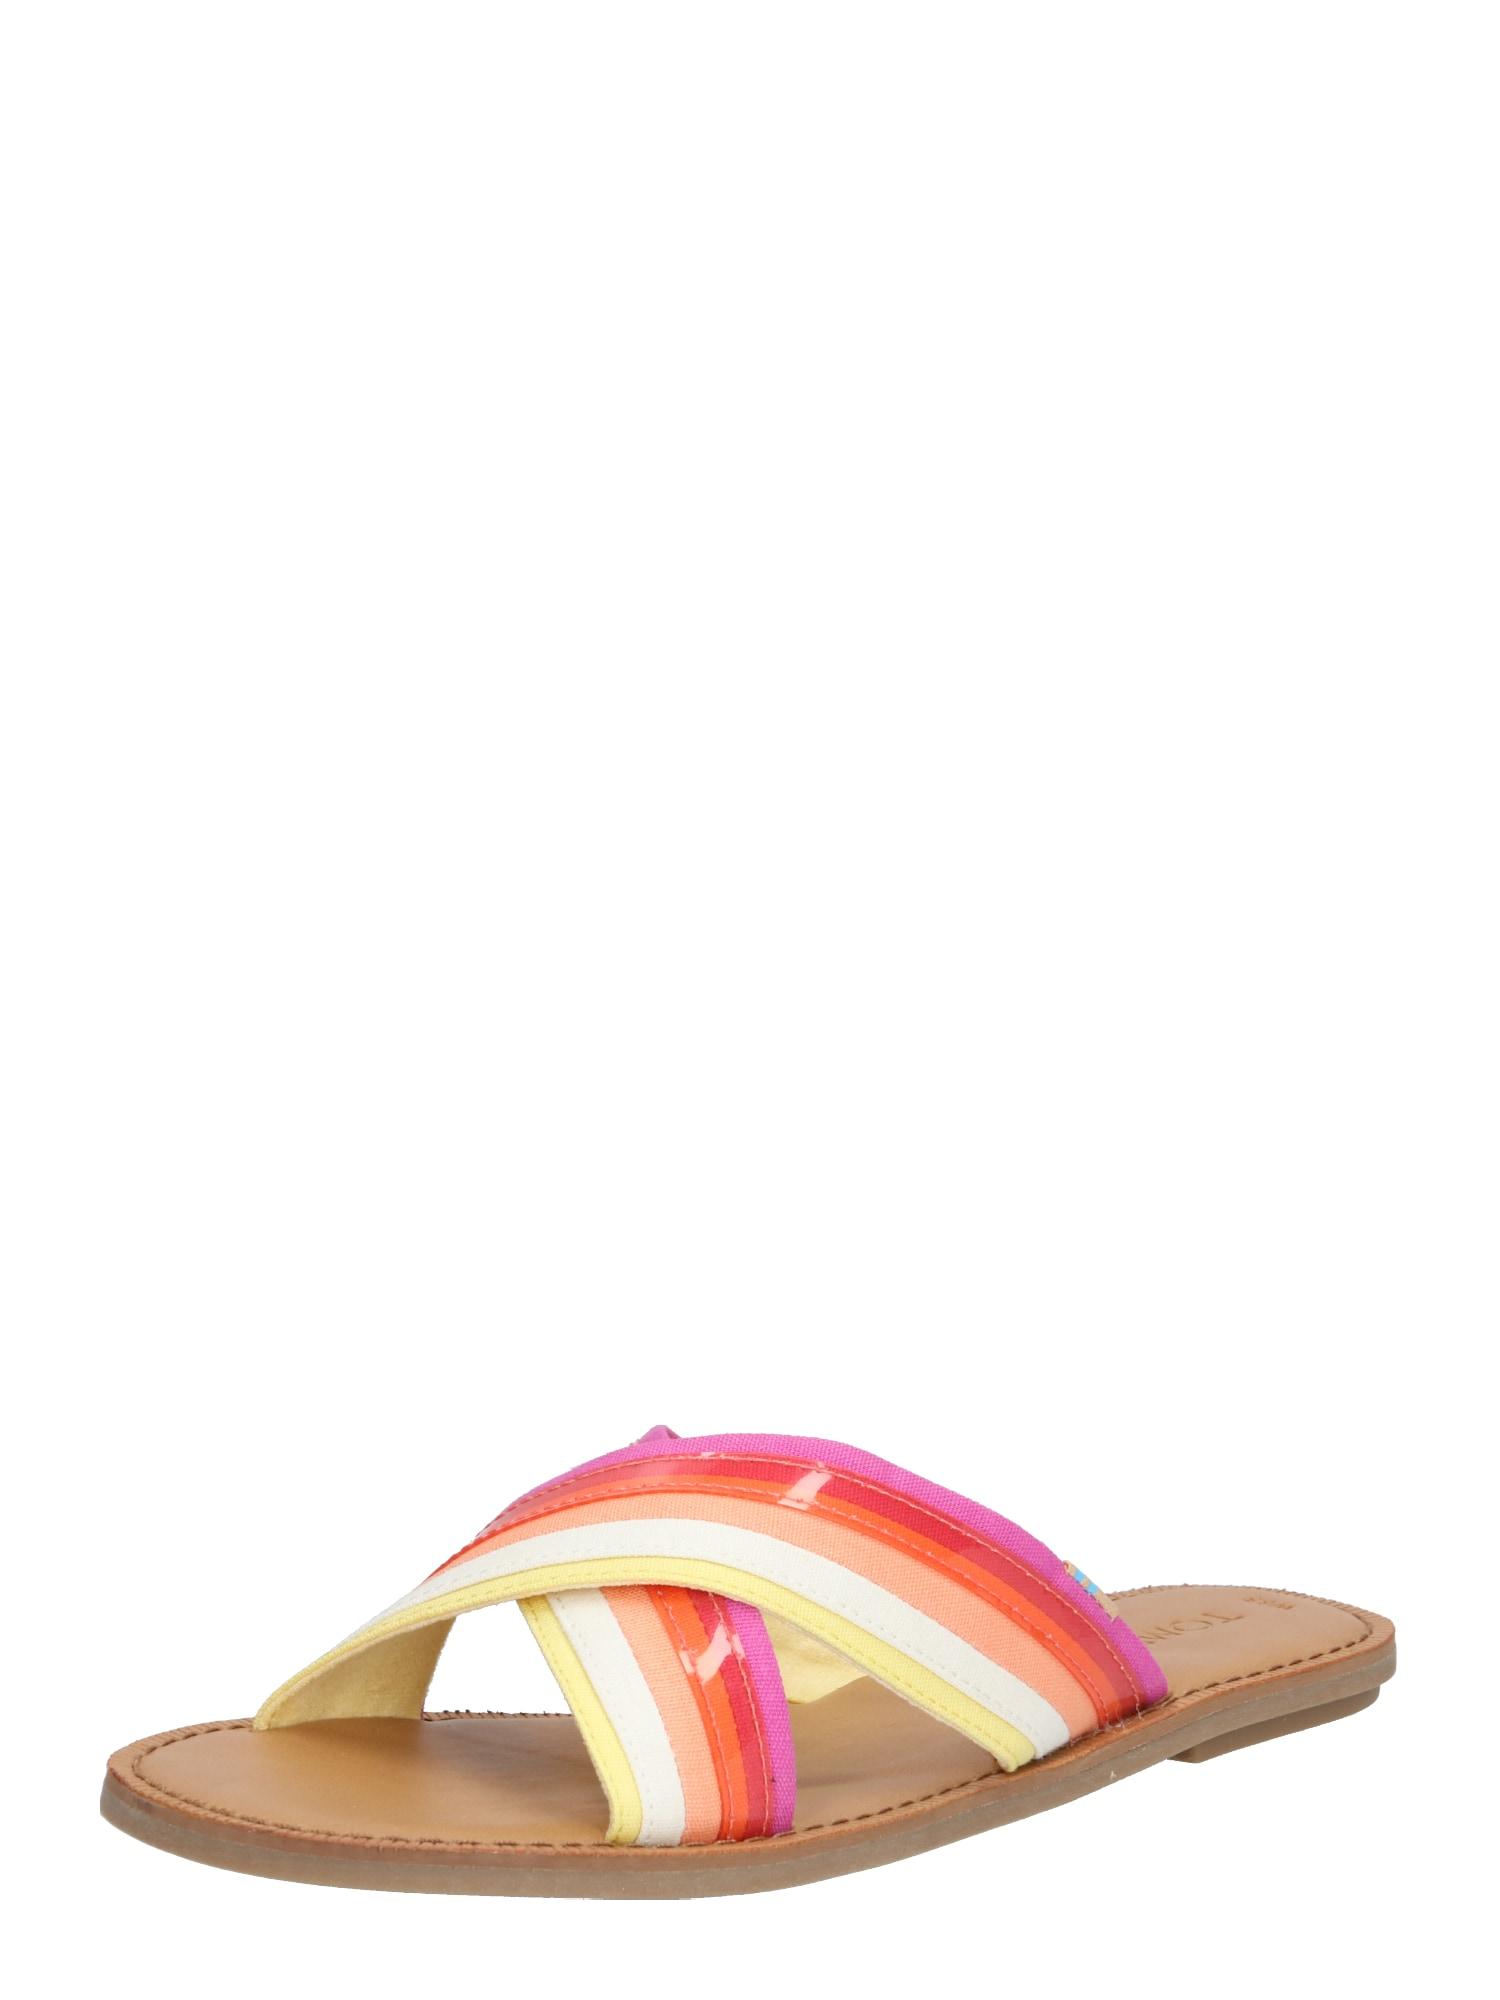 Sandály VIV béžová mix barev TOMS